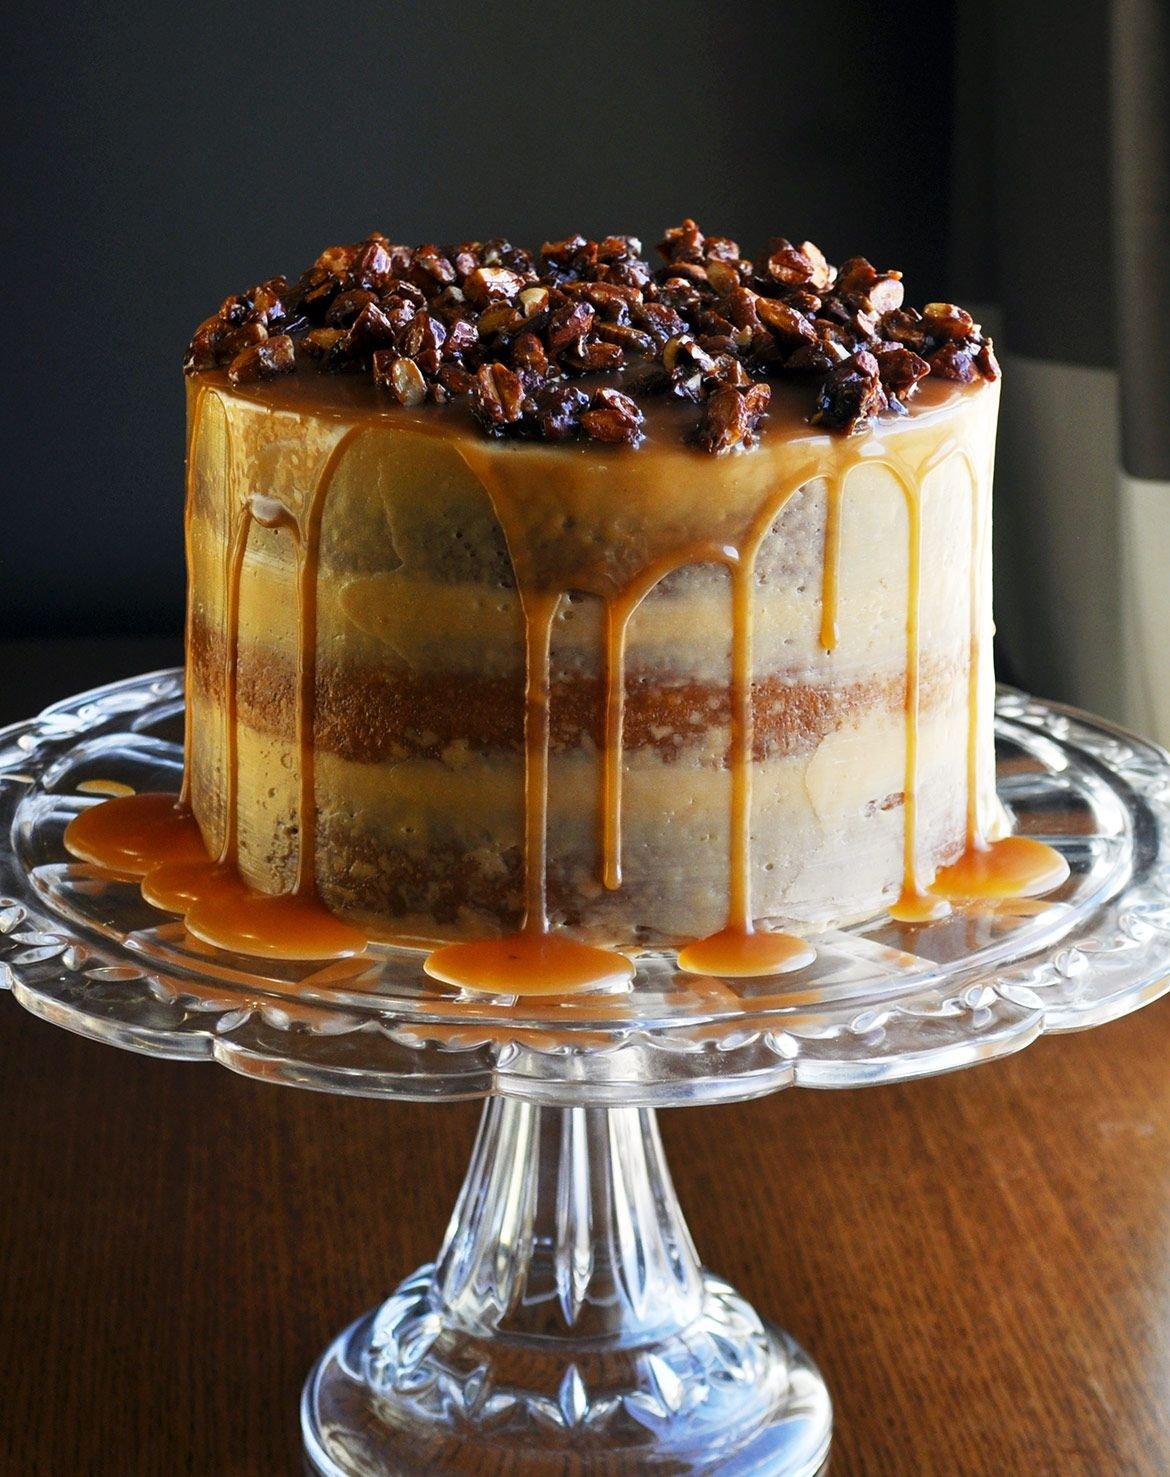 сегодняшний карамельный декор для торта рецепт с фото ладно торговля идет